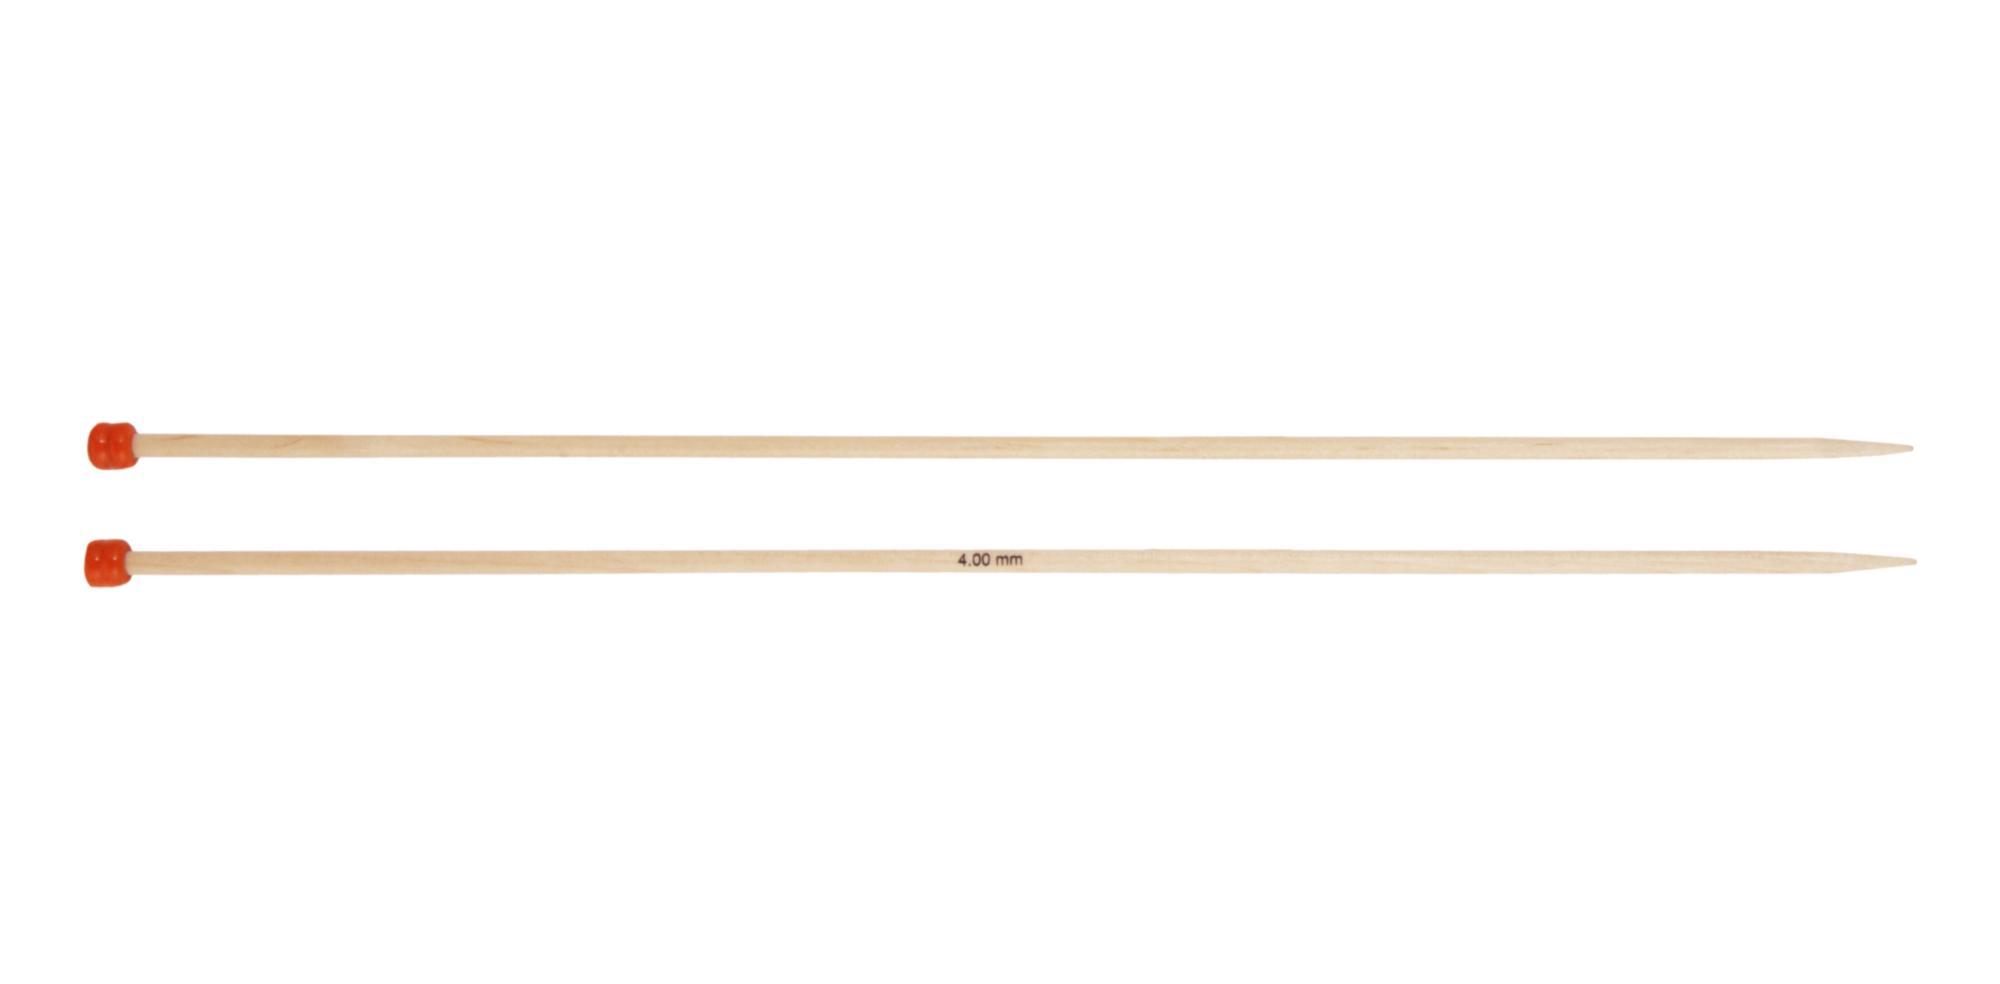 Спицы прямые 40 см Basix Birch Wood KnitPro, 35454, 4.00 мм